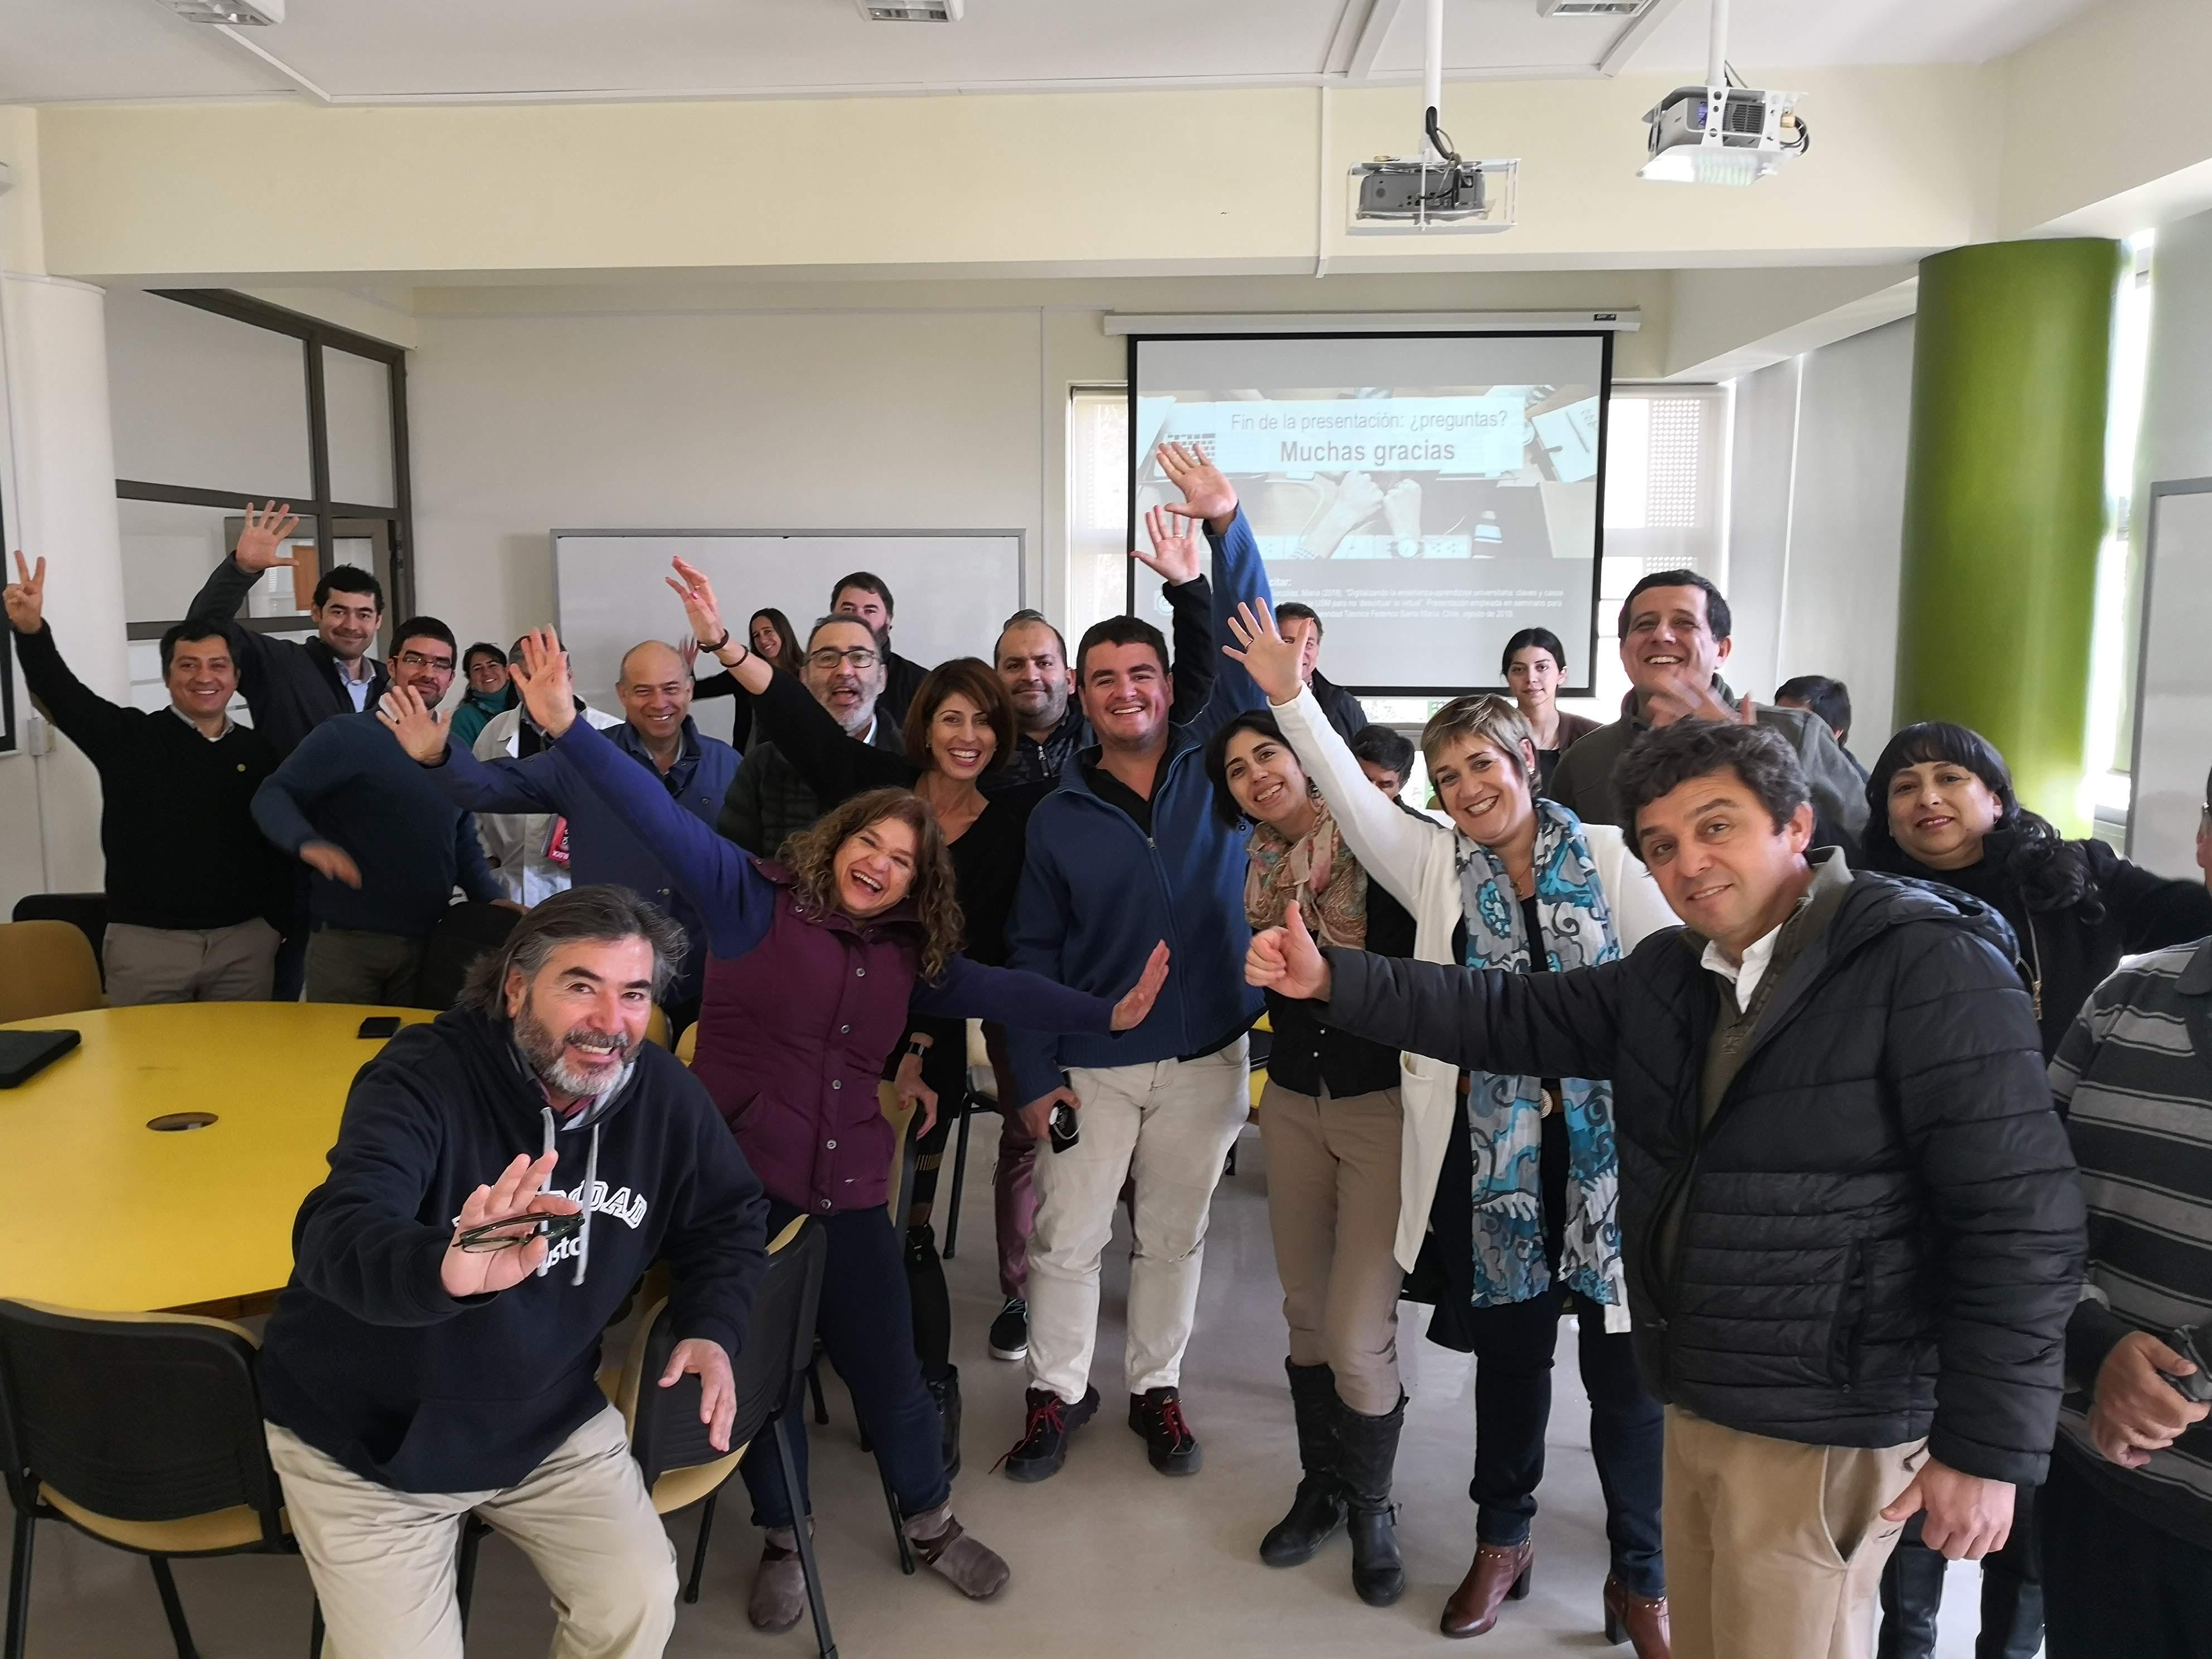 Compartiendo claves y experiencias sobre e-learning y formación de profesorado en la Universidad Federico Santa María de Chile